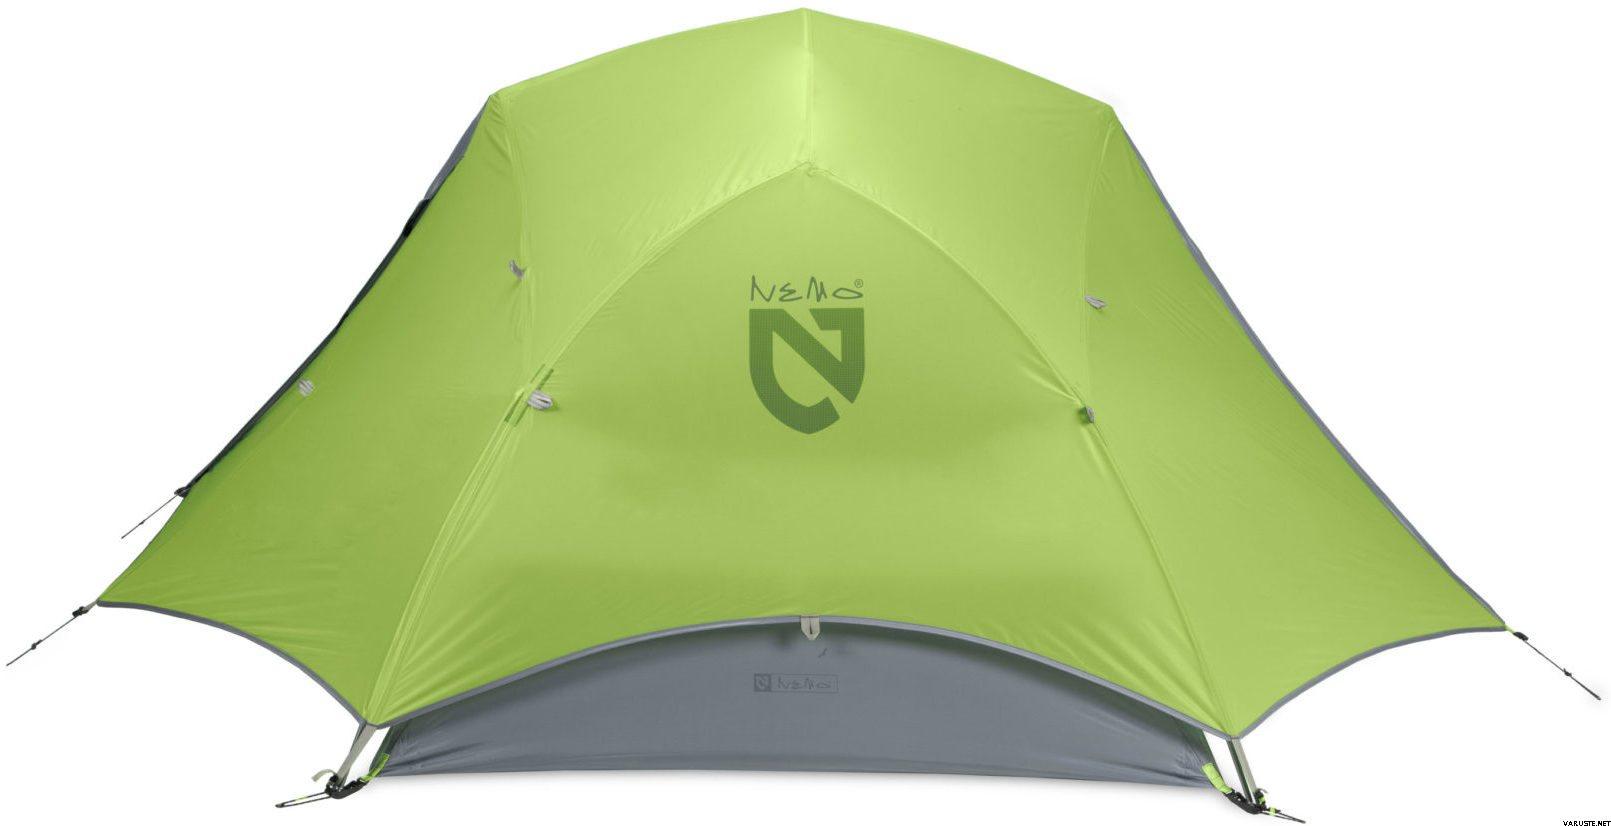 Ultrakevyt teltta 2 hengelle 10D Nylon